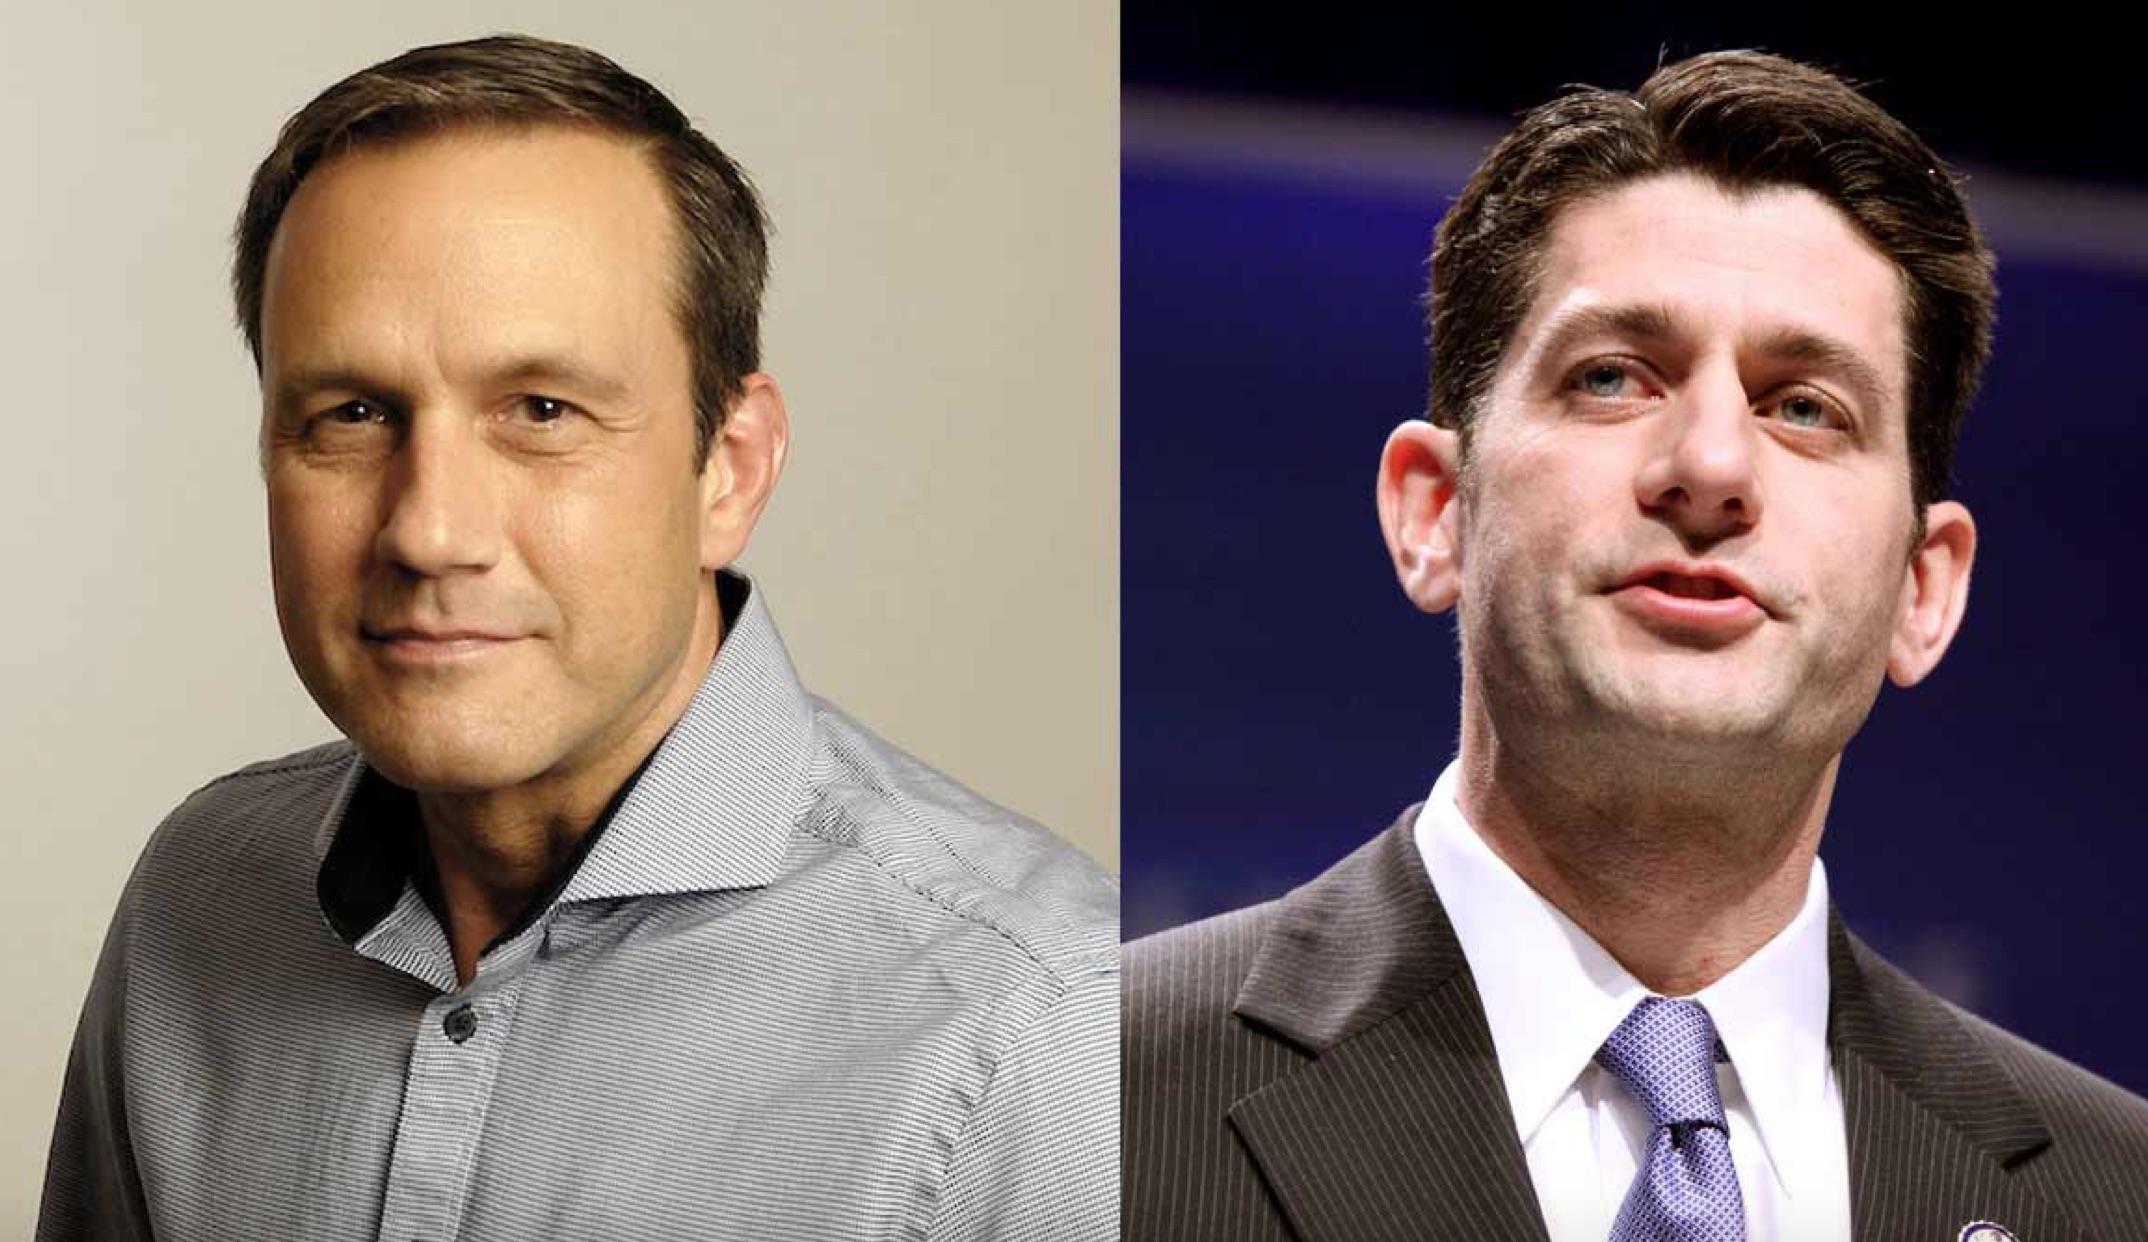 6 Questions for Paul Nehlen, the Man Running Against House Speaker Paul Ryan